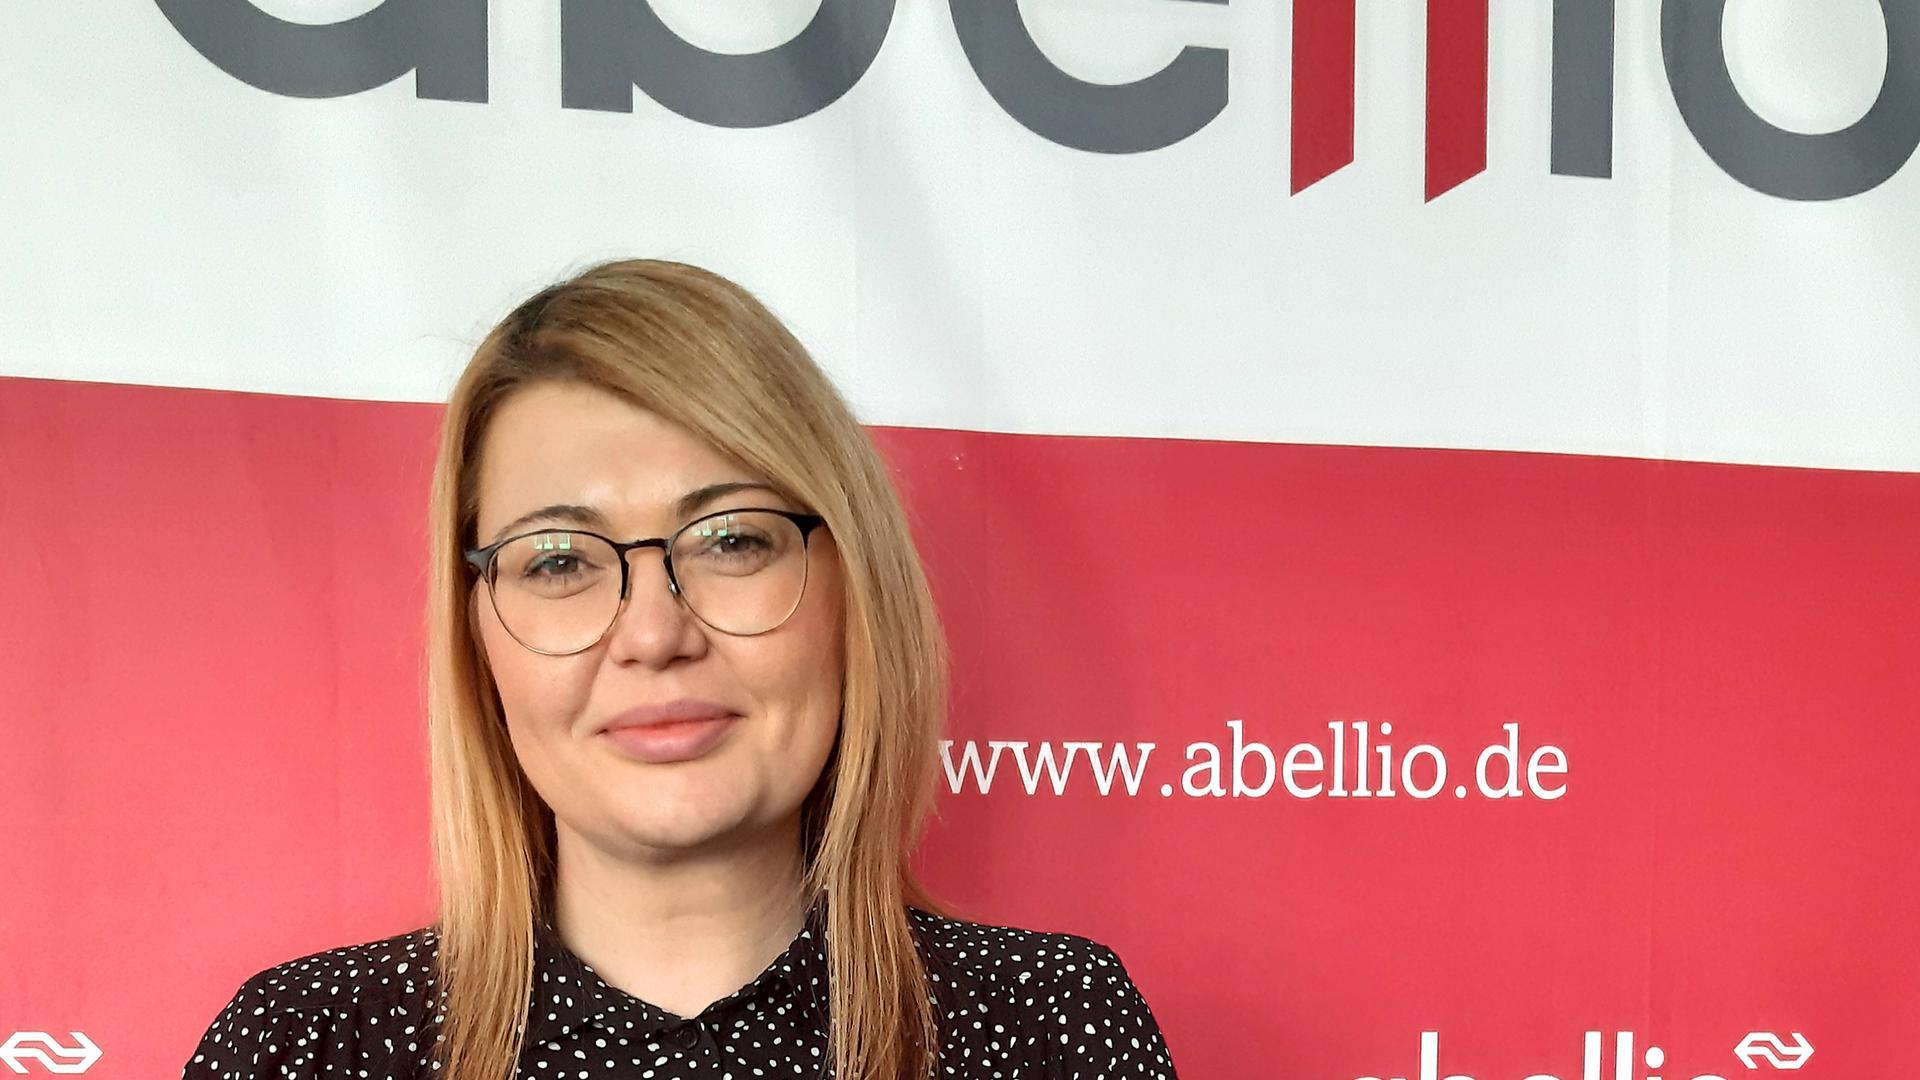 Hanelore Schuster, Sprecherin von Abellio in Stuttgart